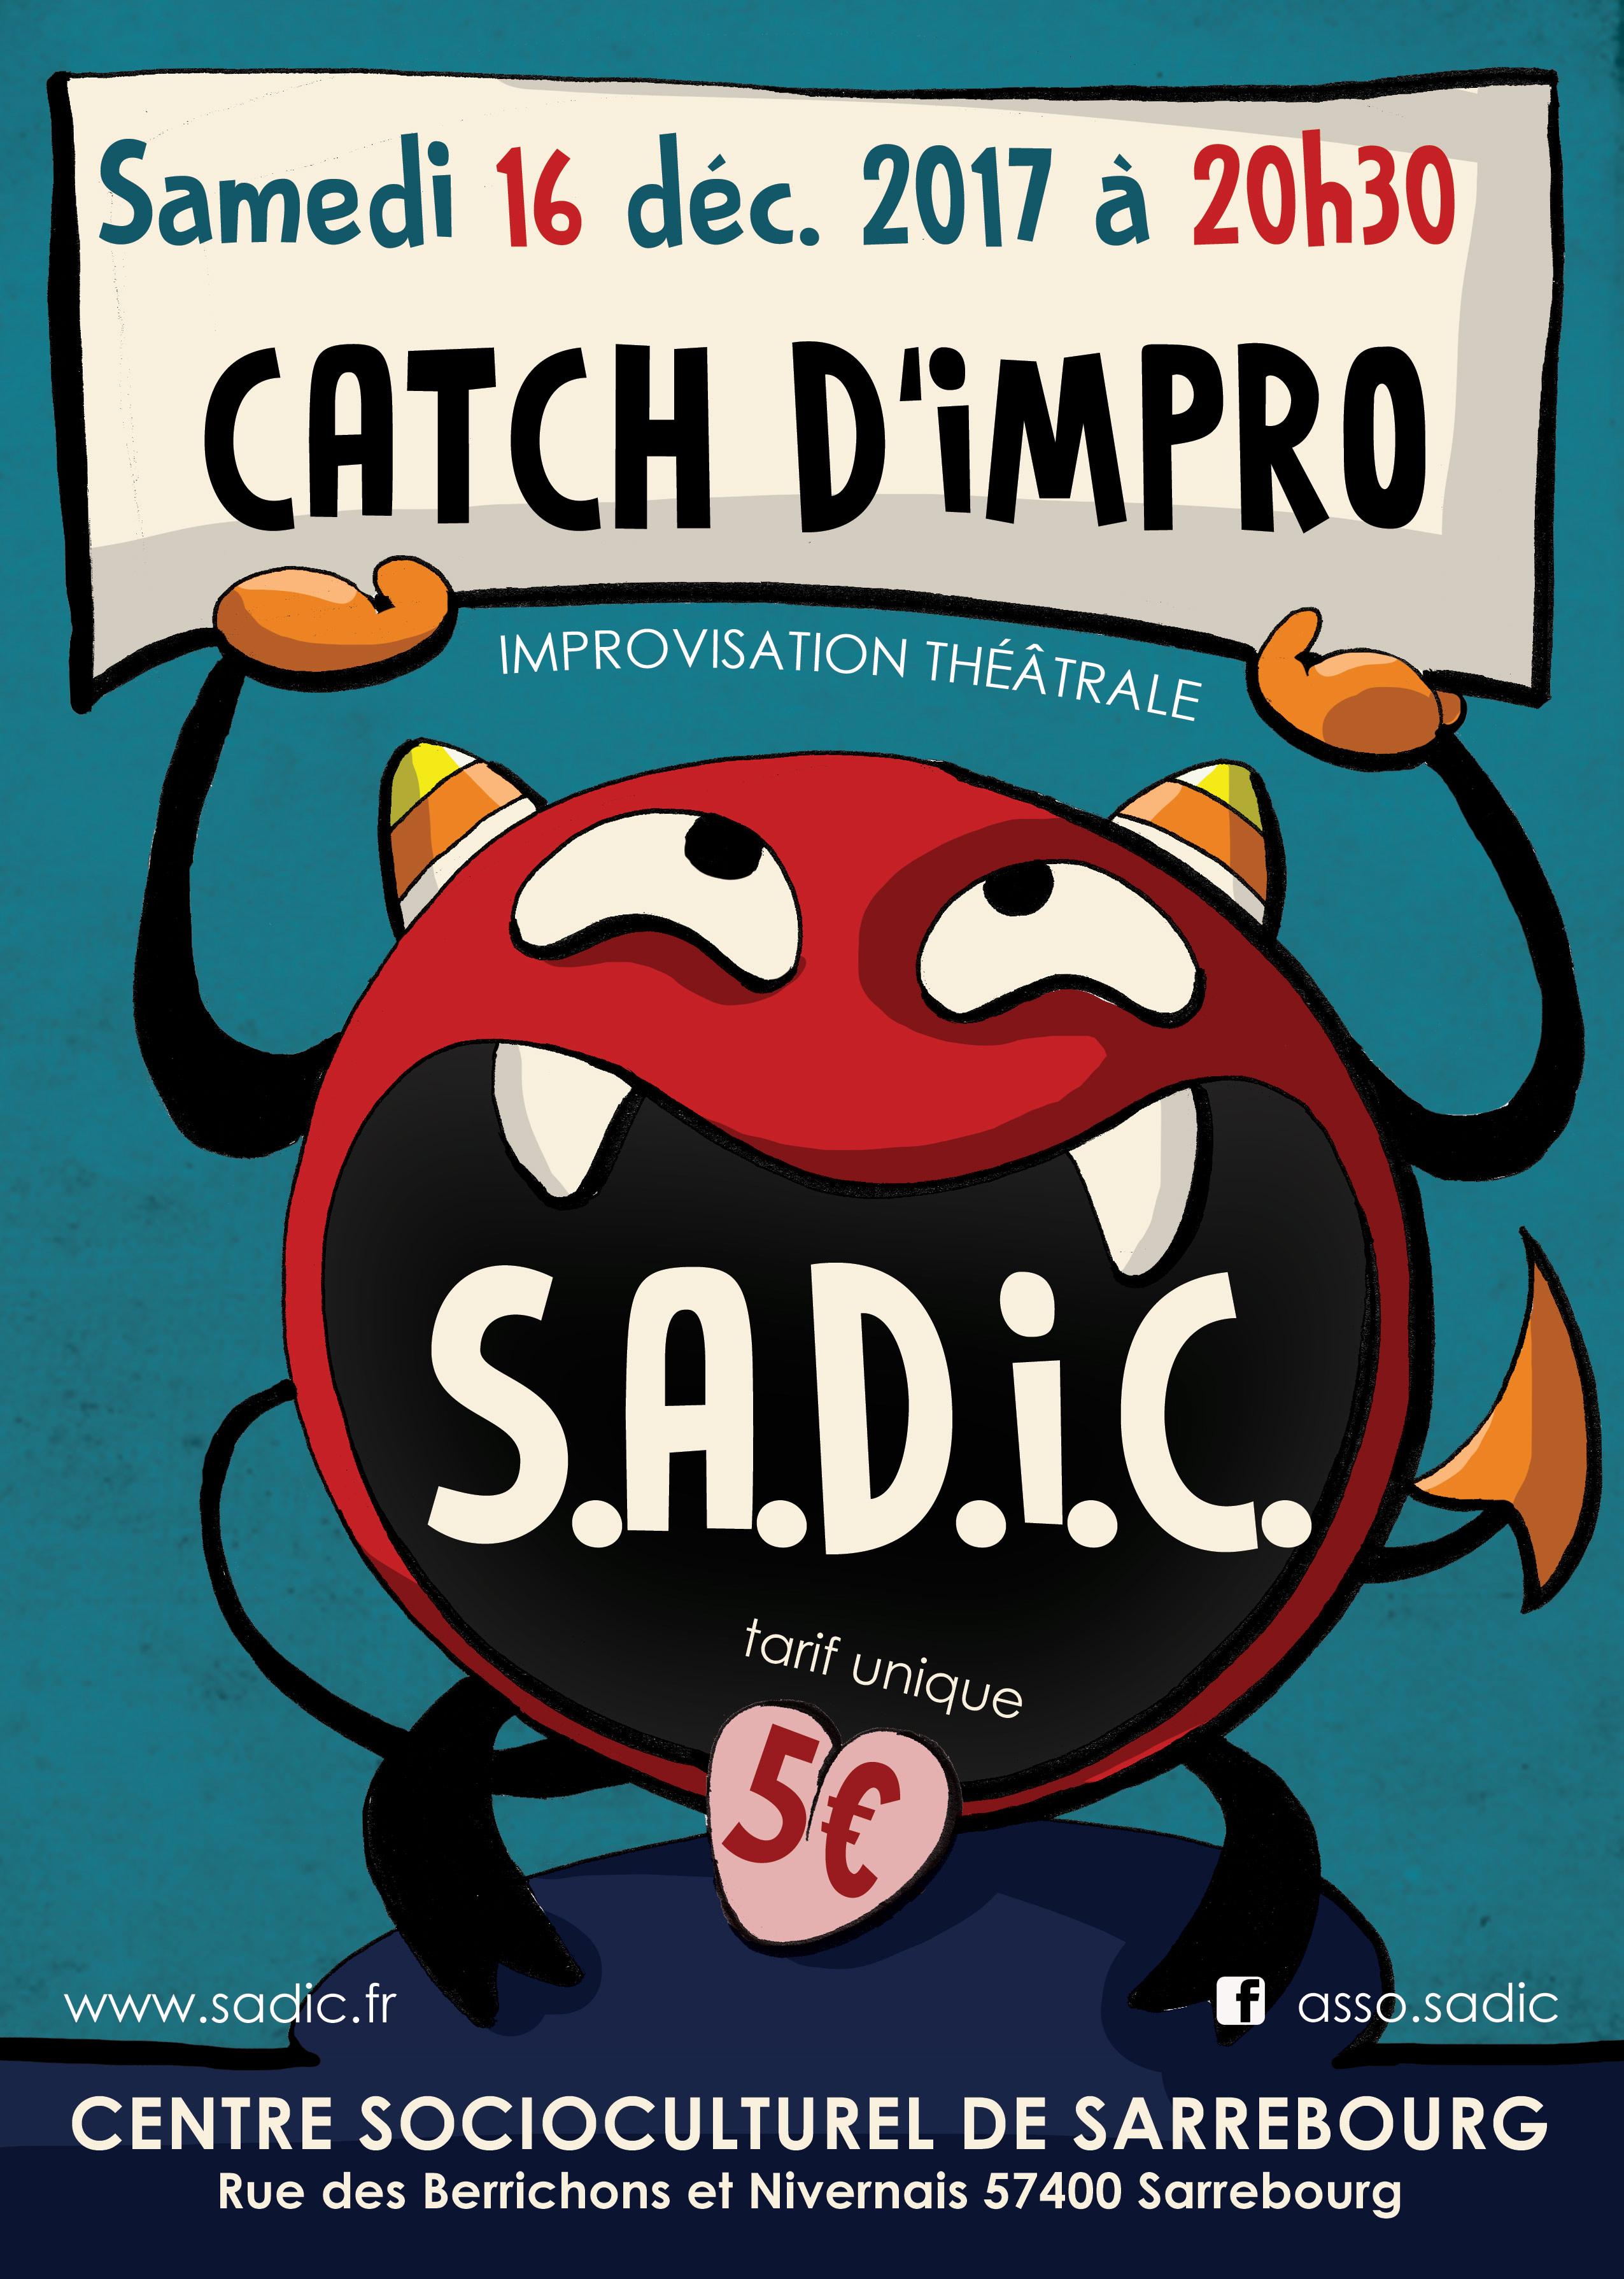 Catch d'impro - SADIC